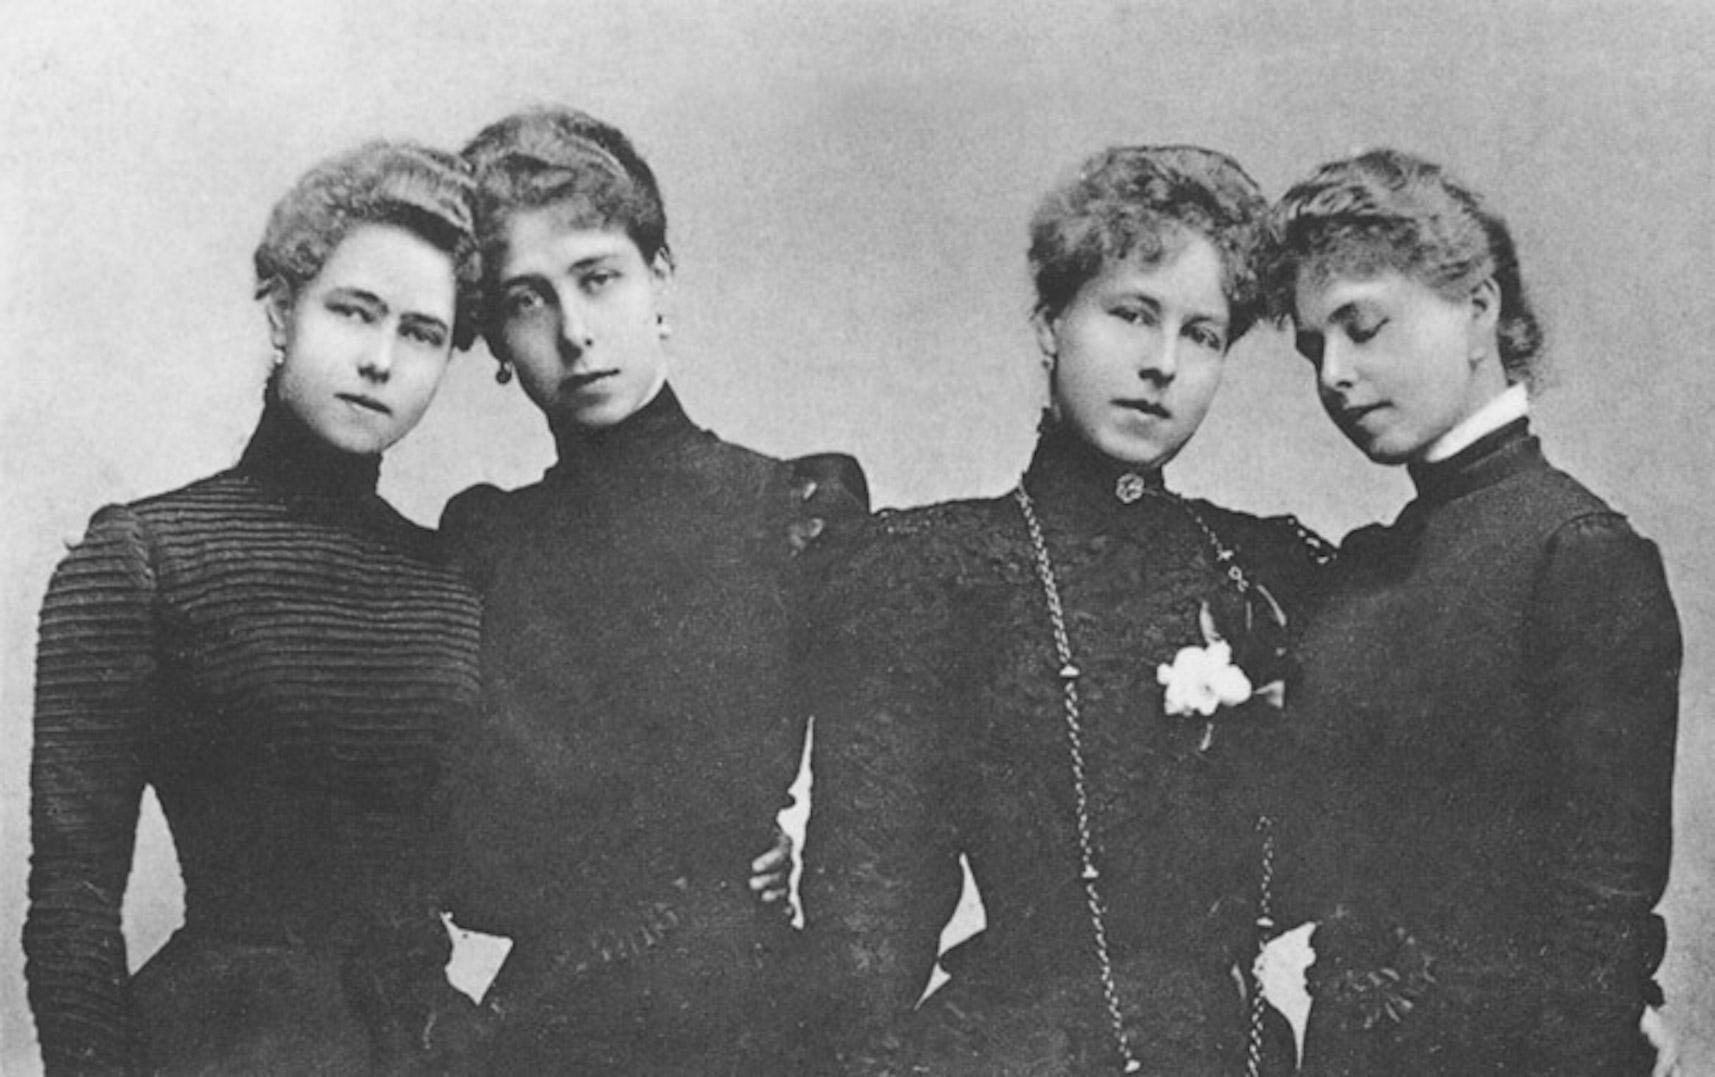 62f959178a1 Unsere vier Prinzessinnen von Sachsen-Coburg-Gotha Postcard l. to r.  Beatrice